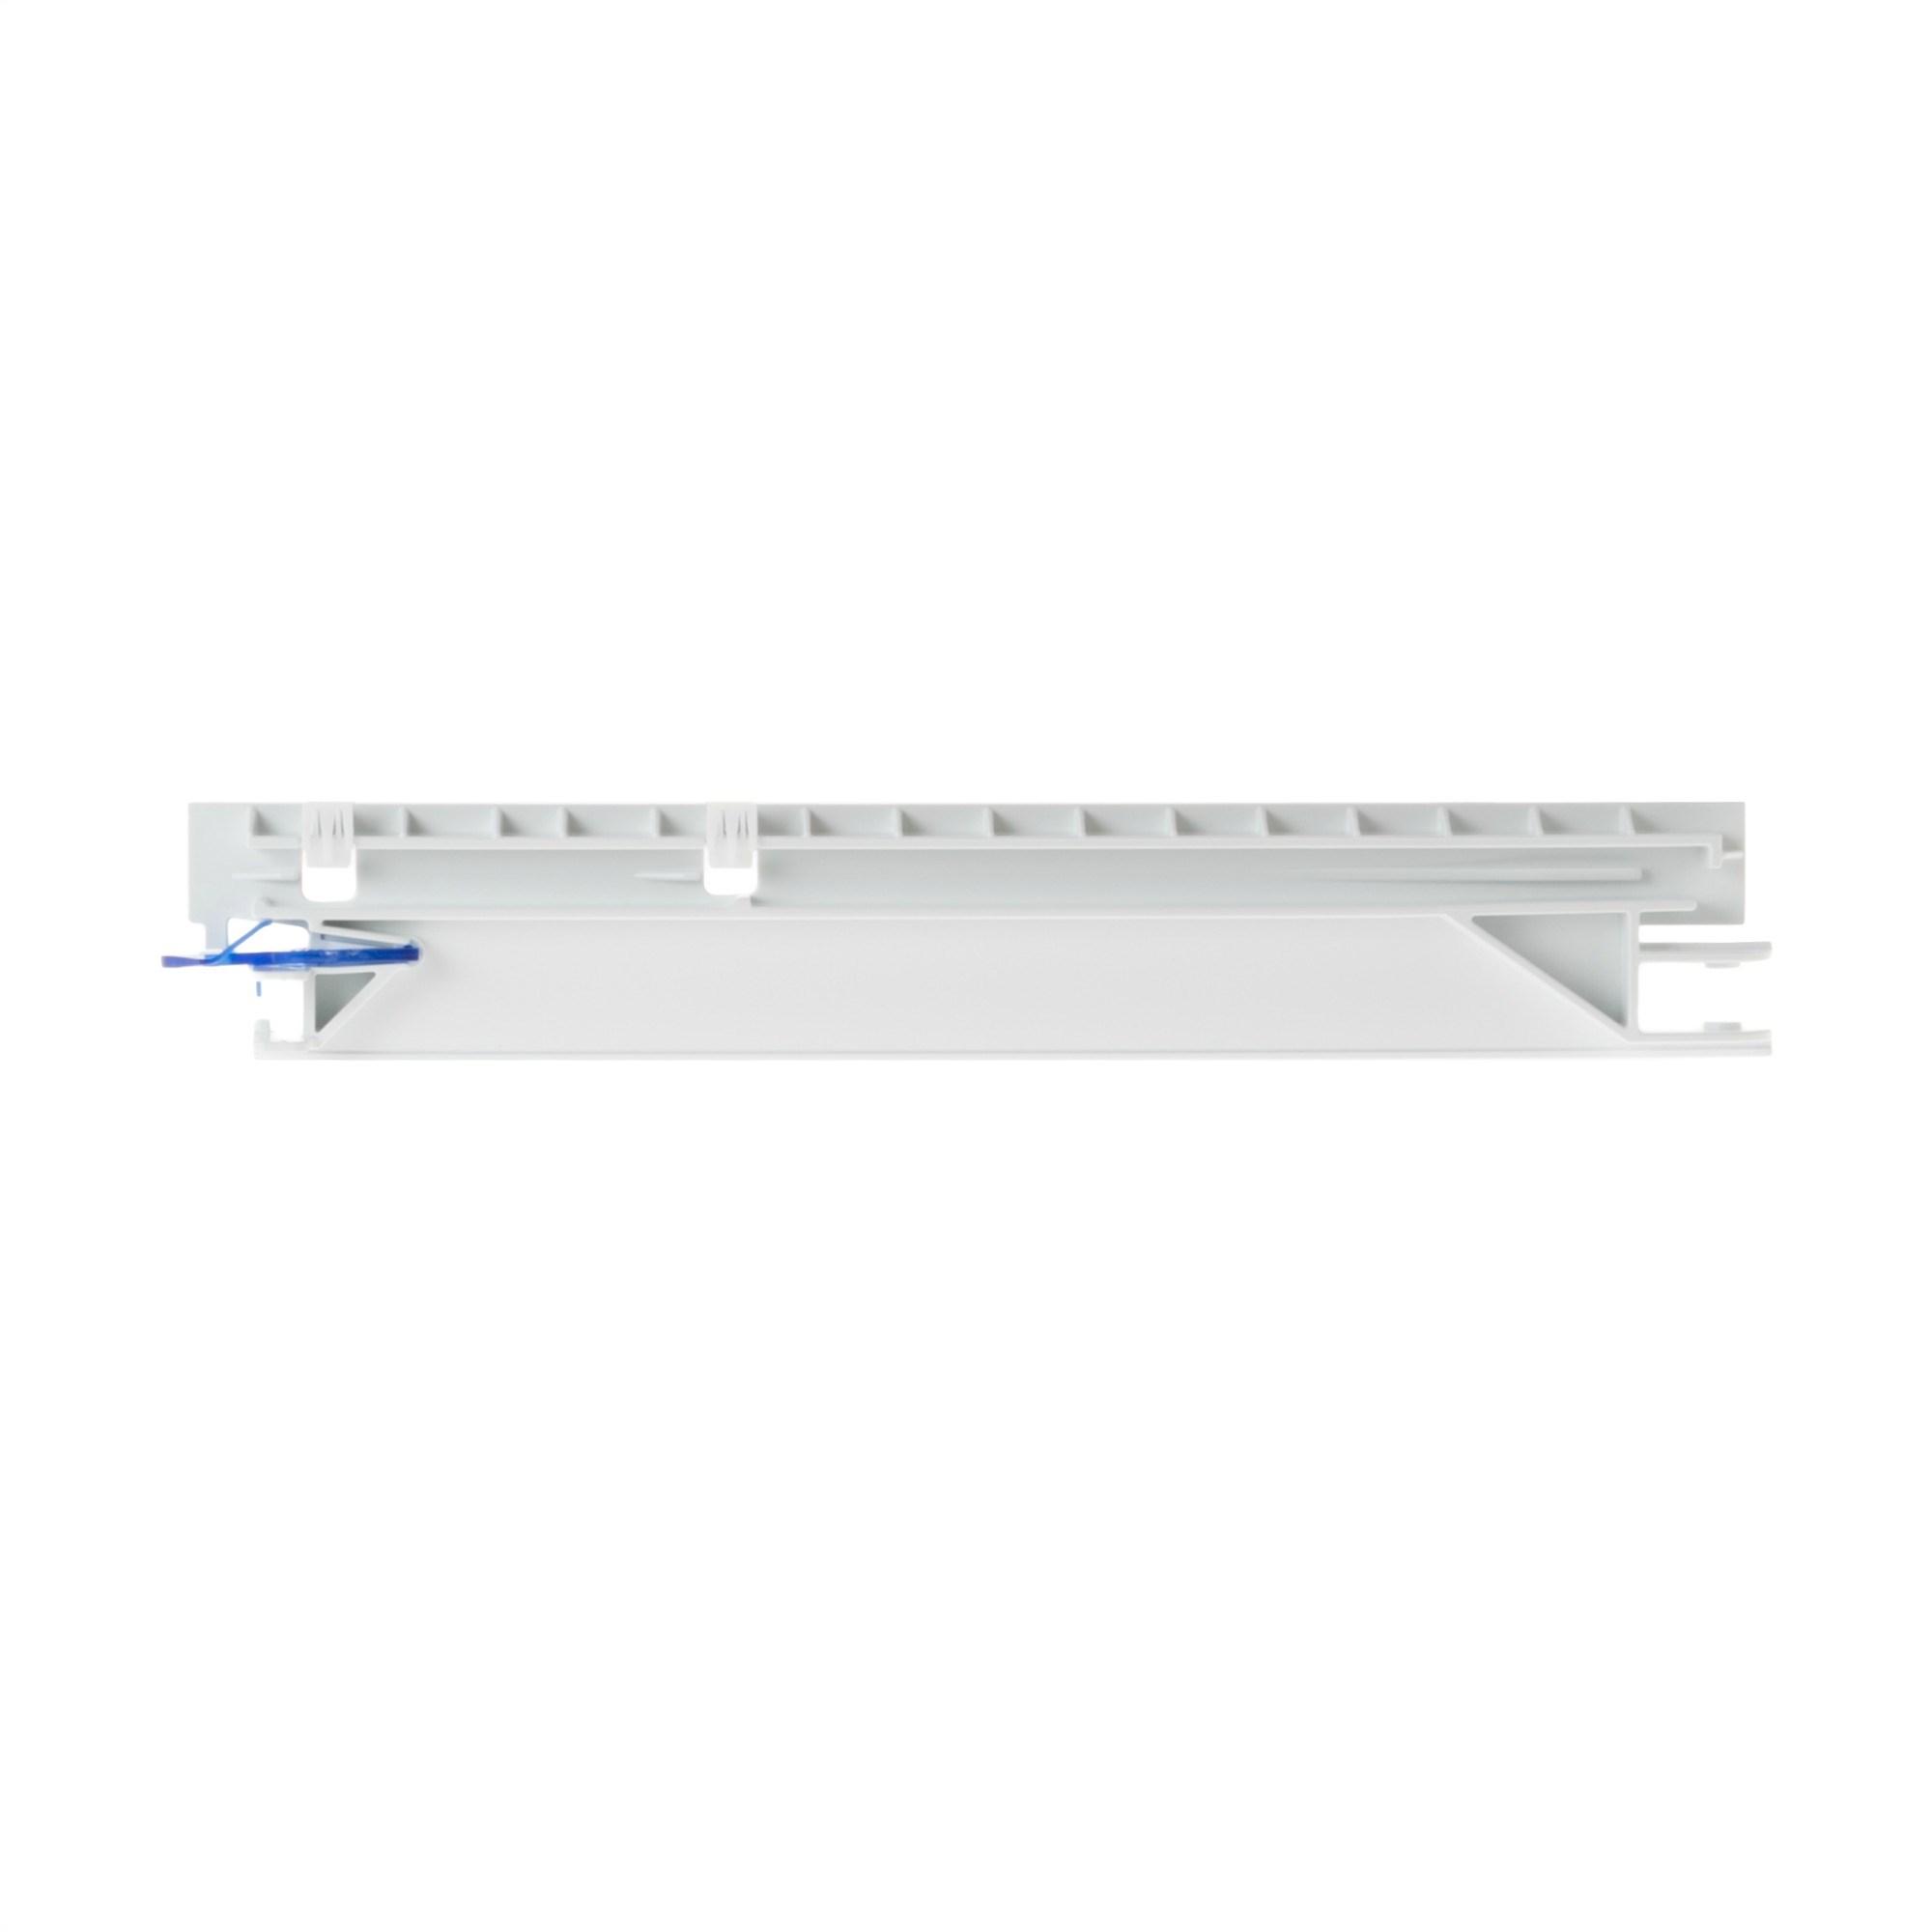 WR17X11970 For GE Refrigerator Drawer Slide